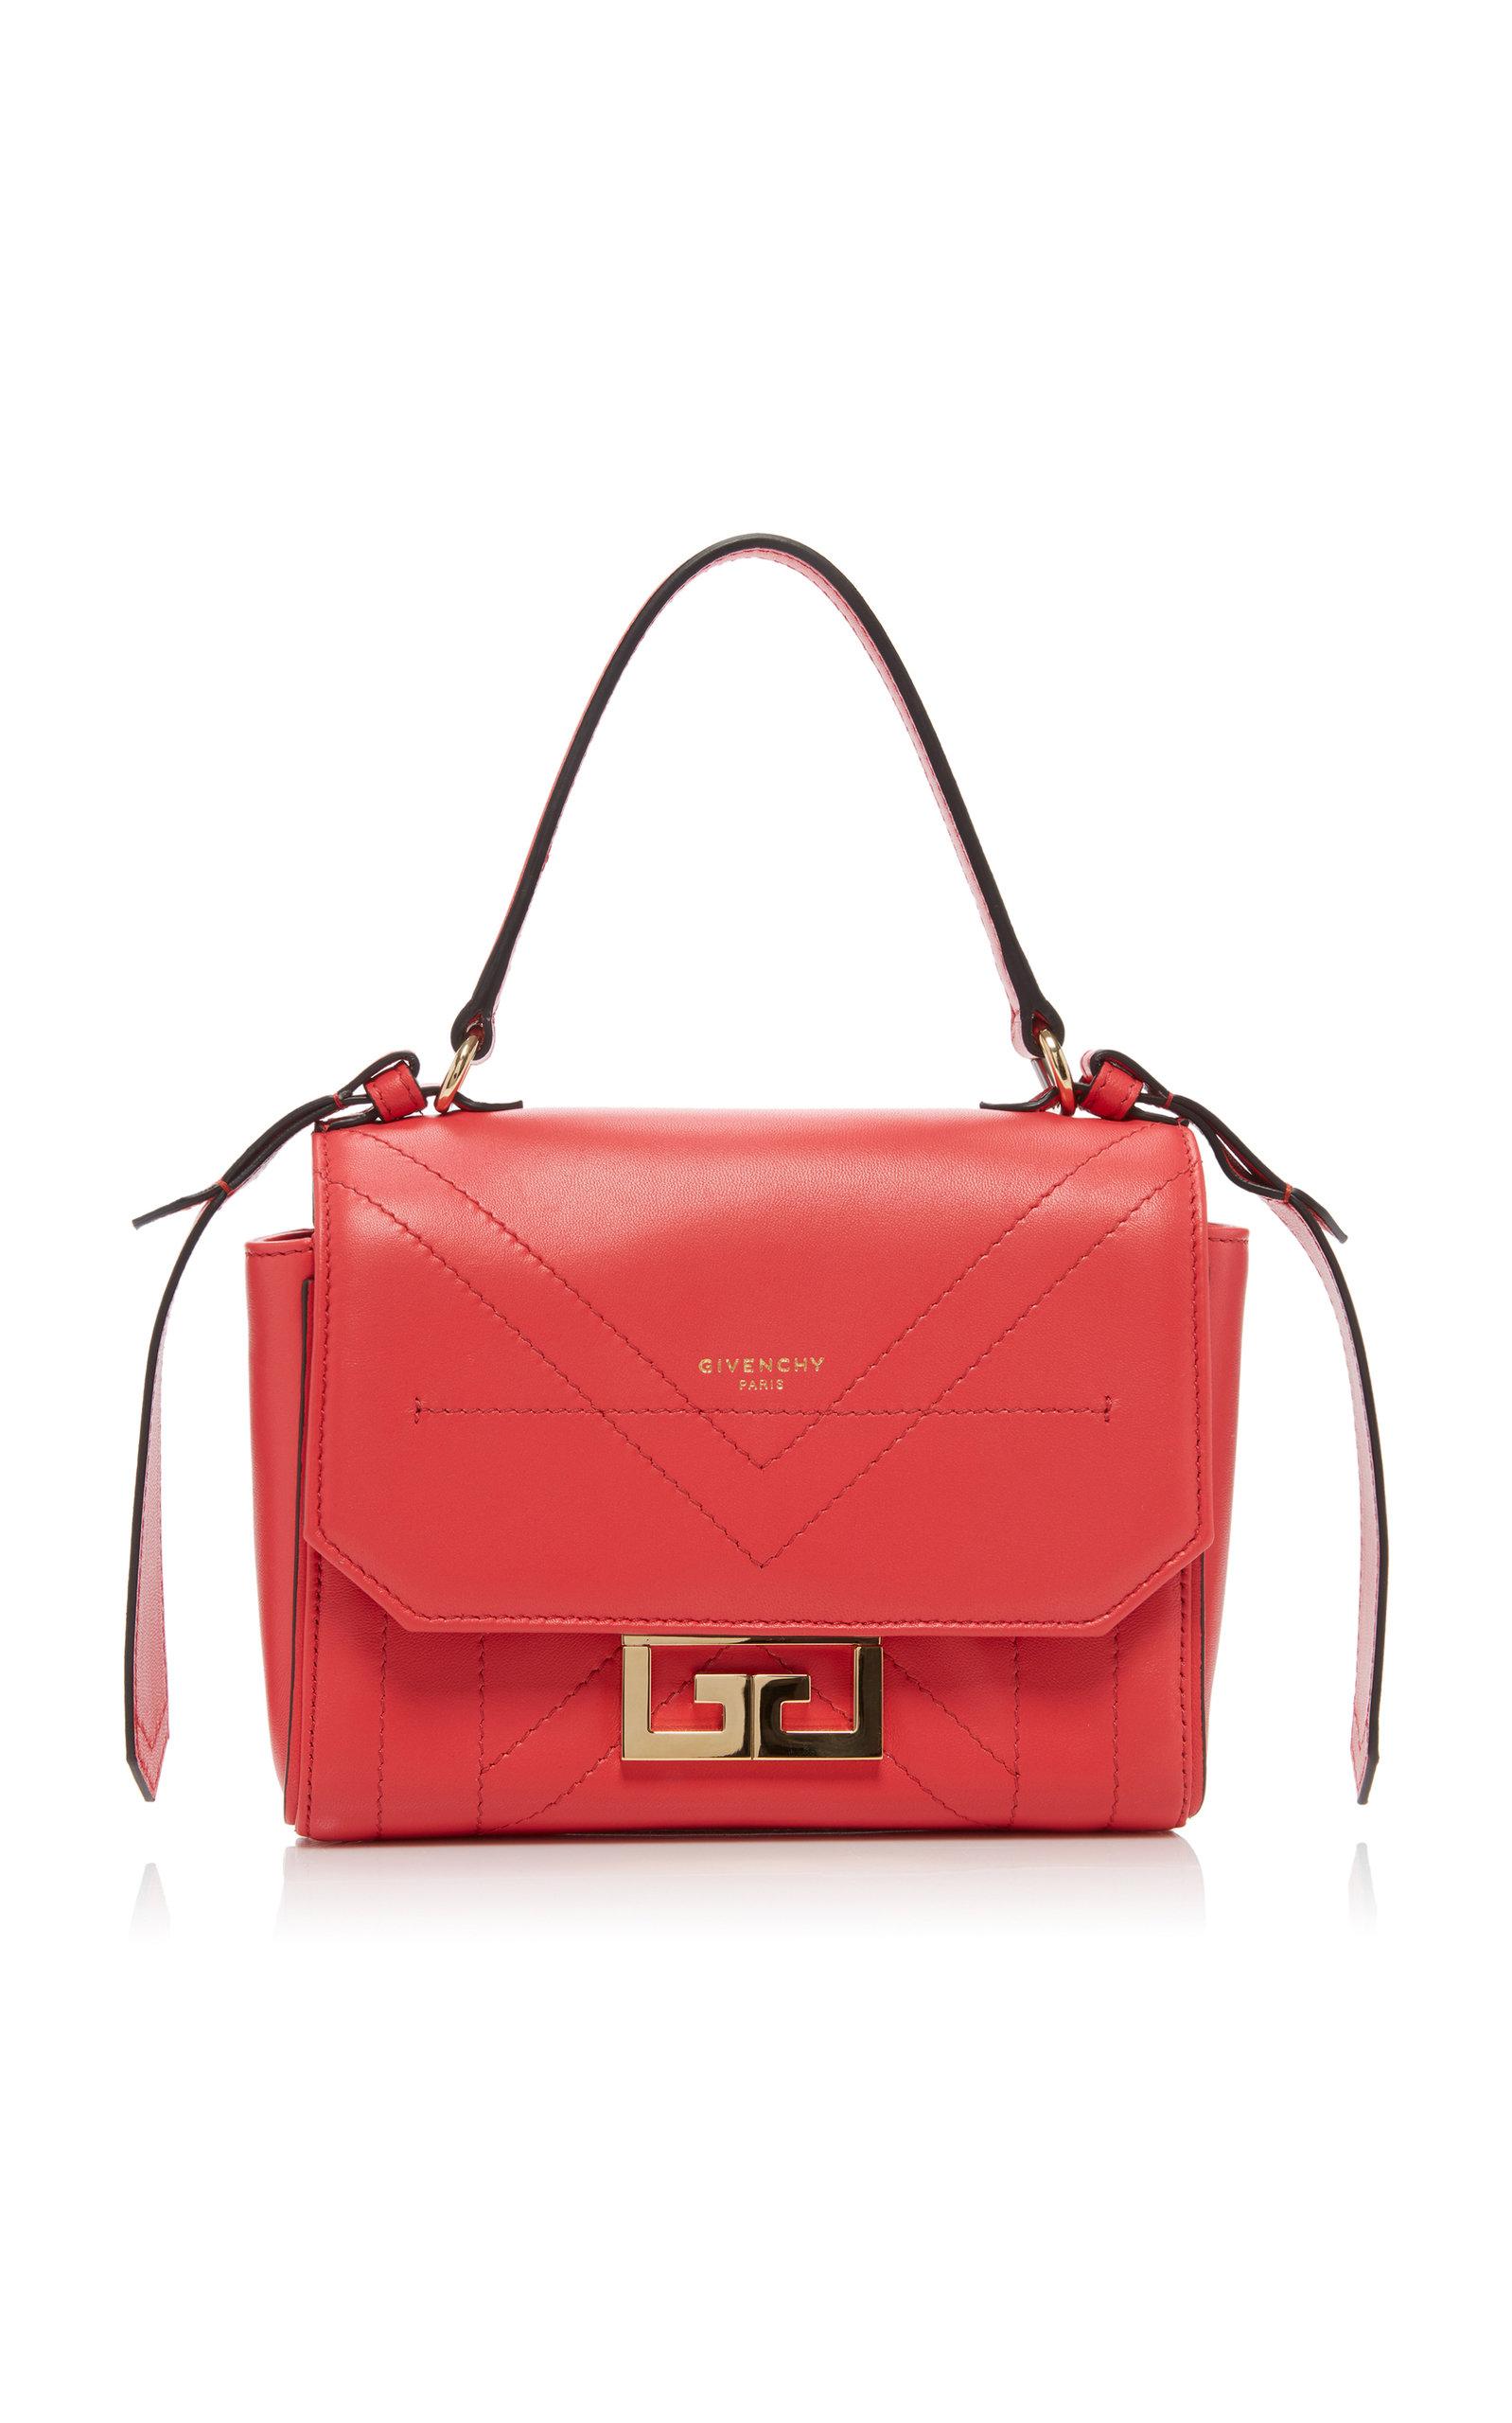 Givenchy Shoulder Eden Mini Leather Shoulder Bag